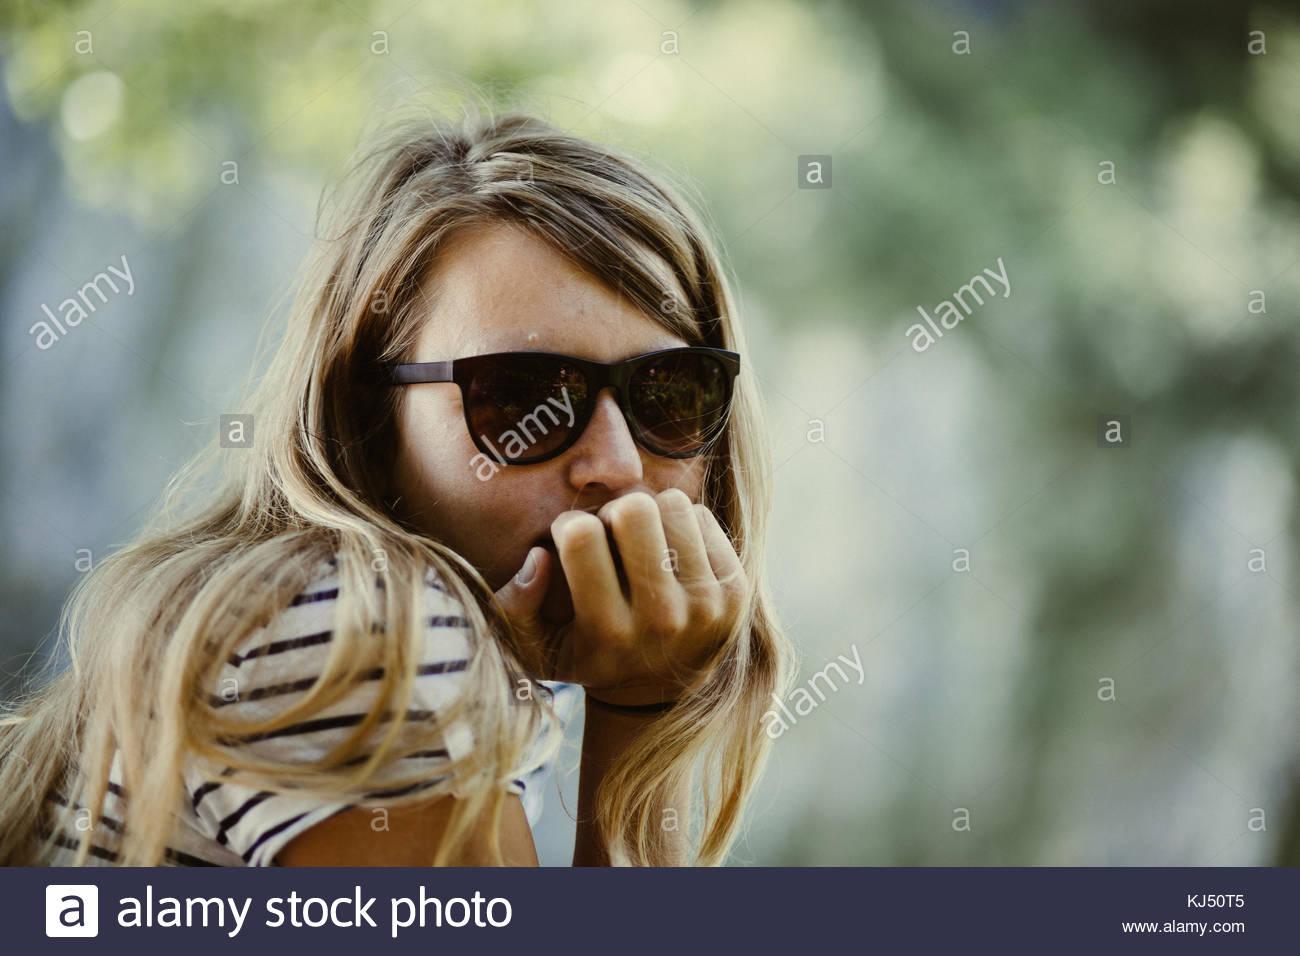 Blonde Mädchen mit Sonnenbrille Stockbild